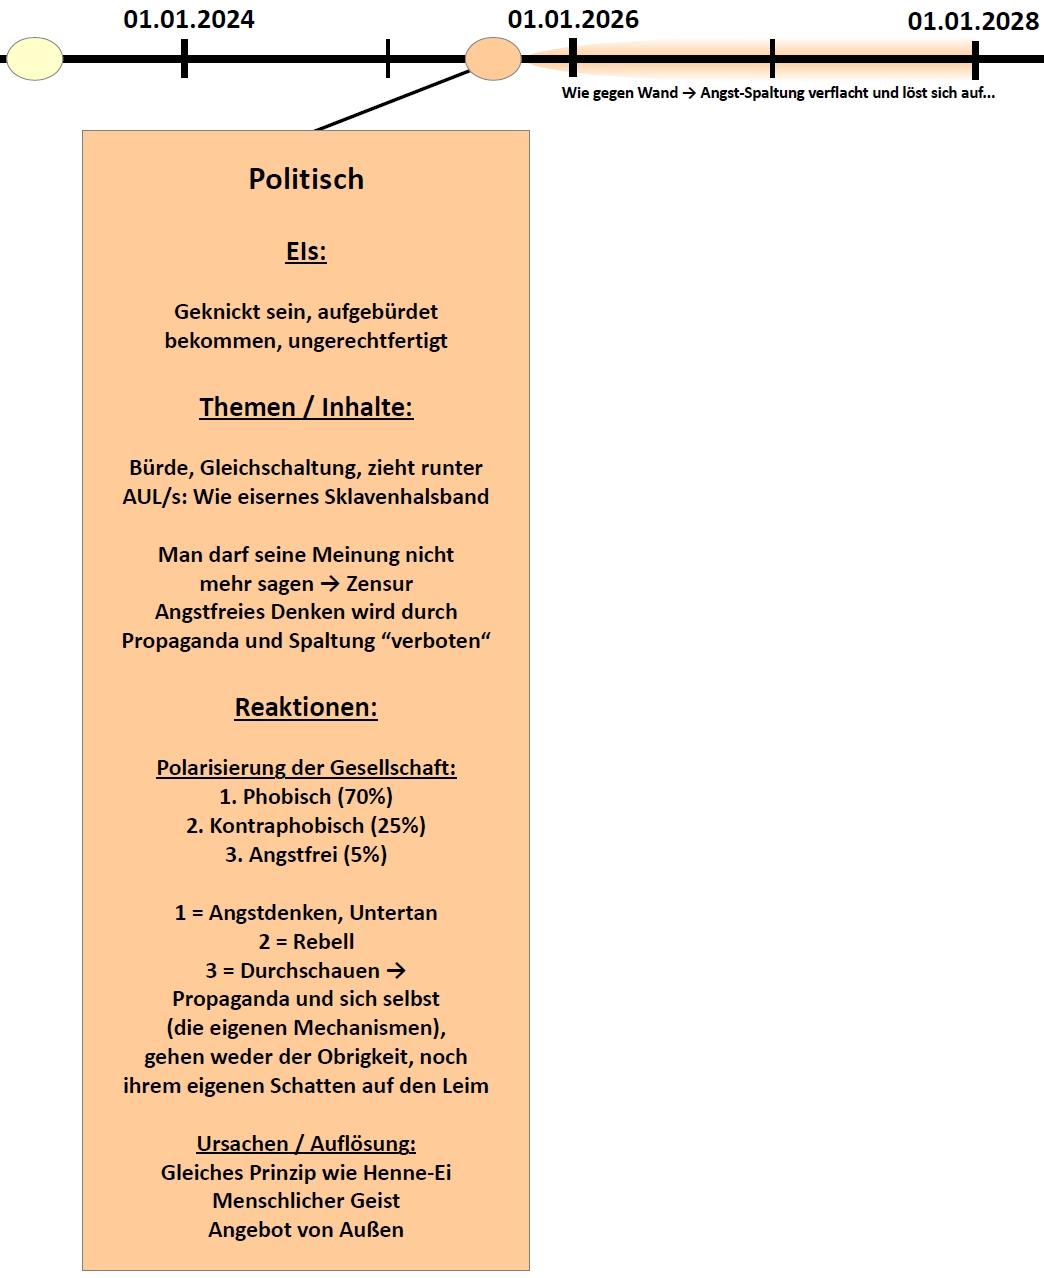 rv_zukunftsprojekt2-deutschland_2020-2023-politisch